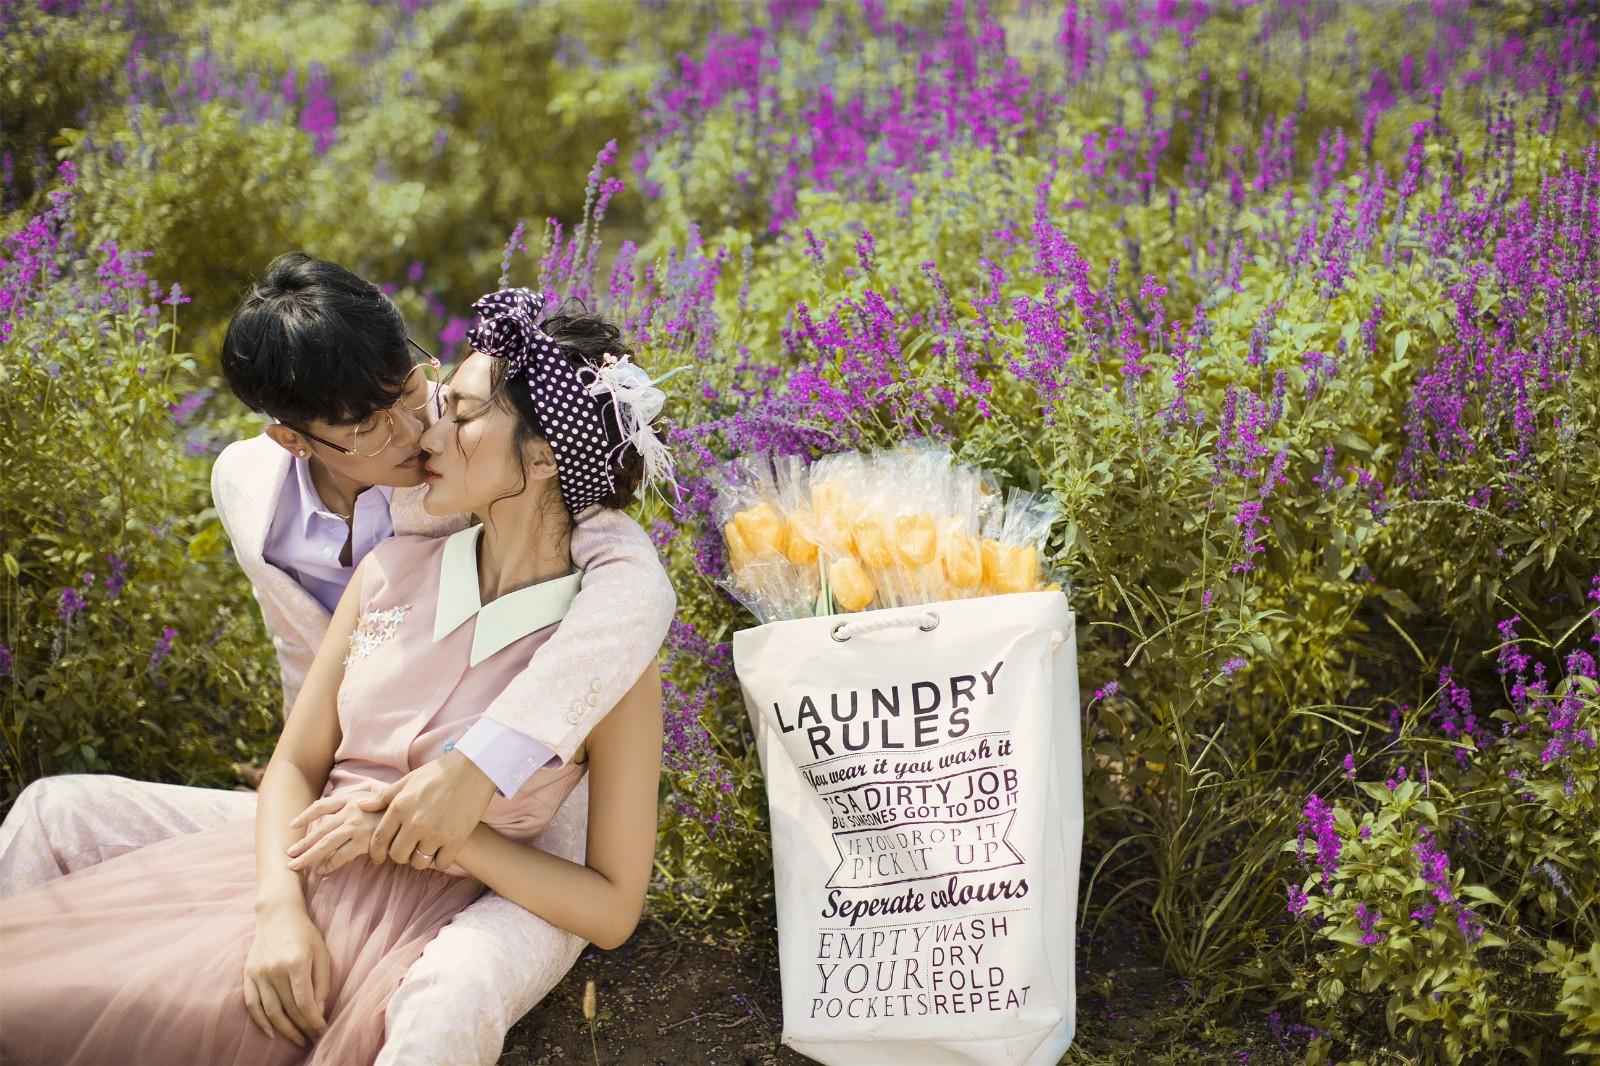 订婚仪式,是婚礼进行之前最重要的仪式